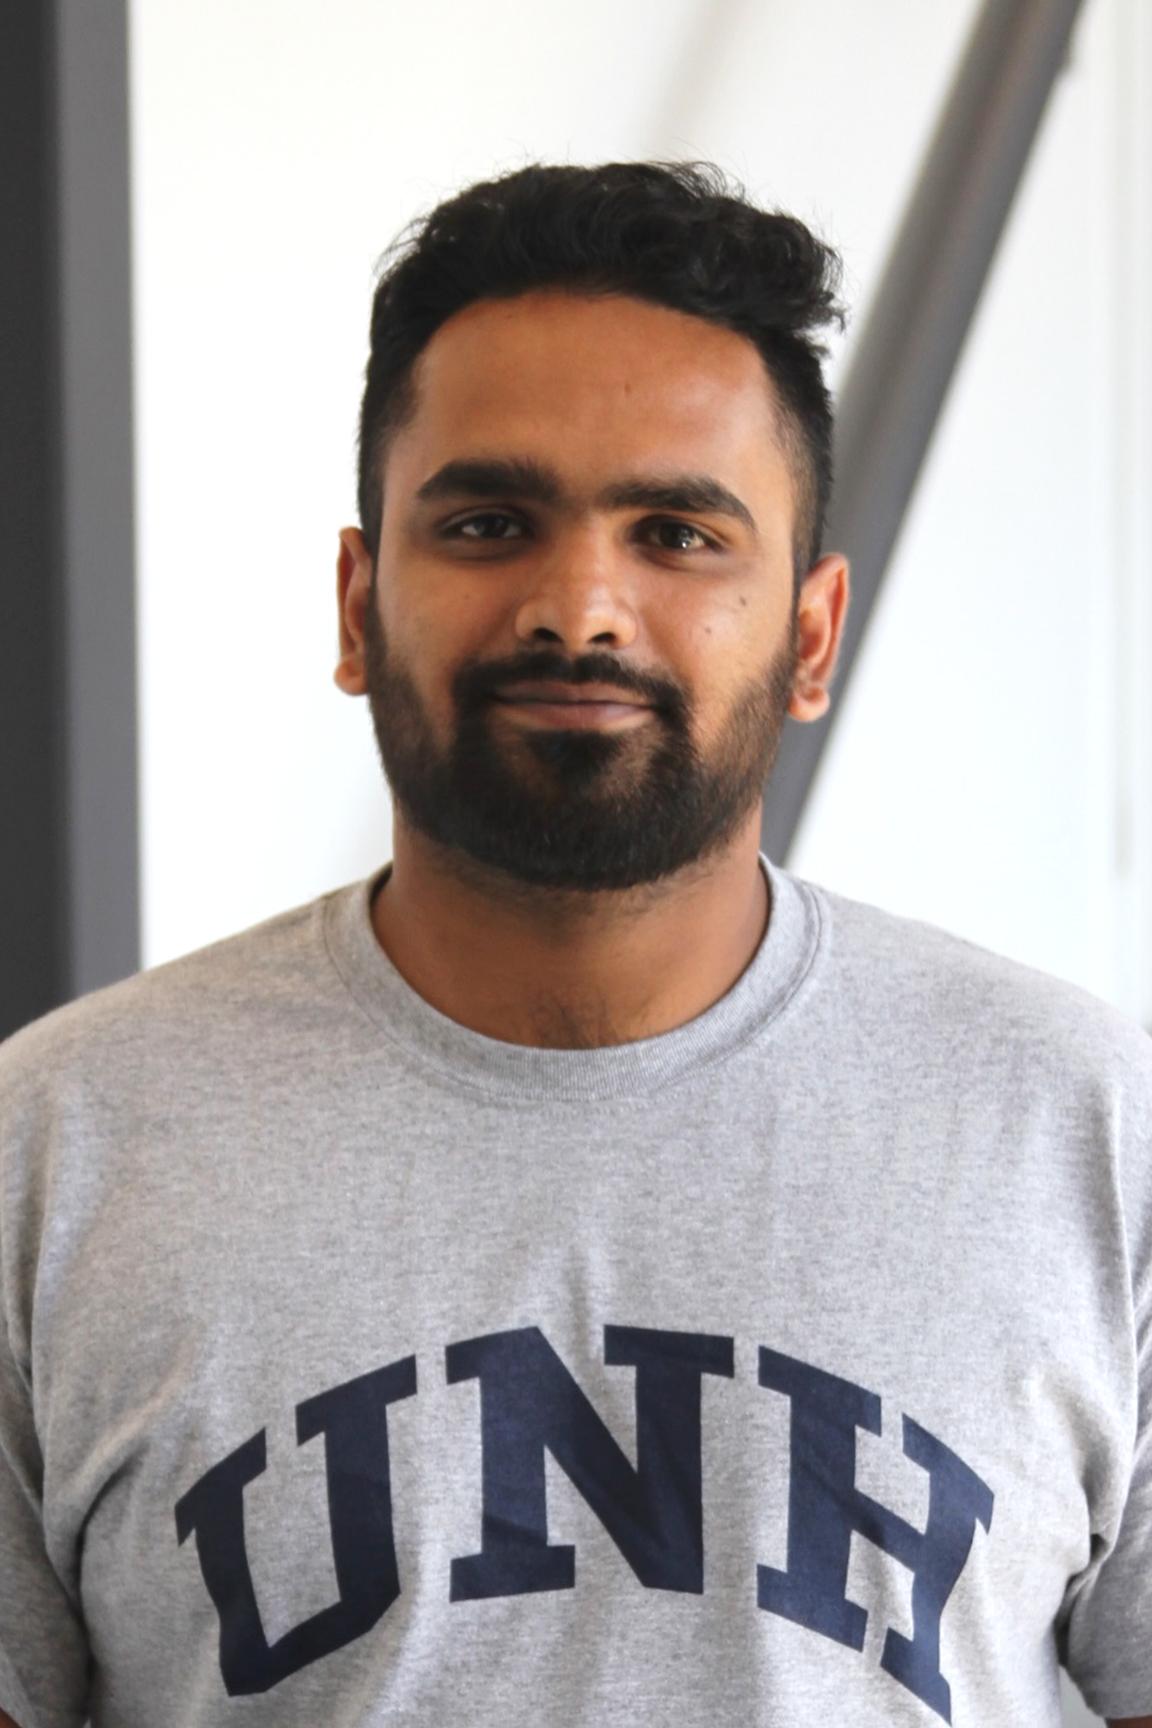 Adappa Kubure Gedara Rathnayake Mud Sukitha Inesha Rupasinghe Mathematics PhD student